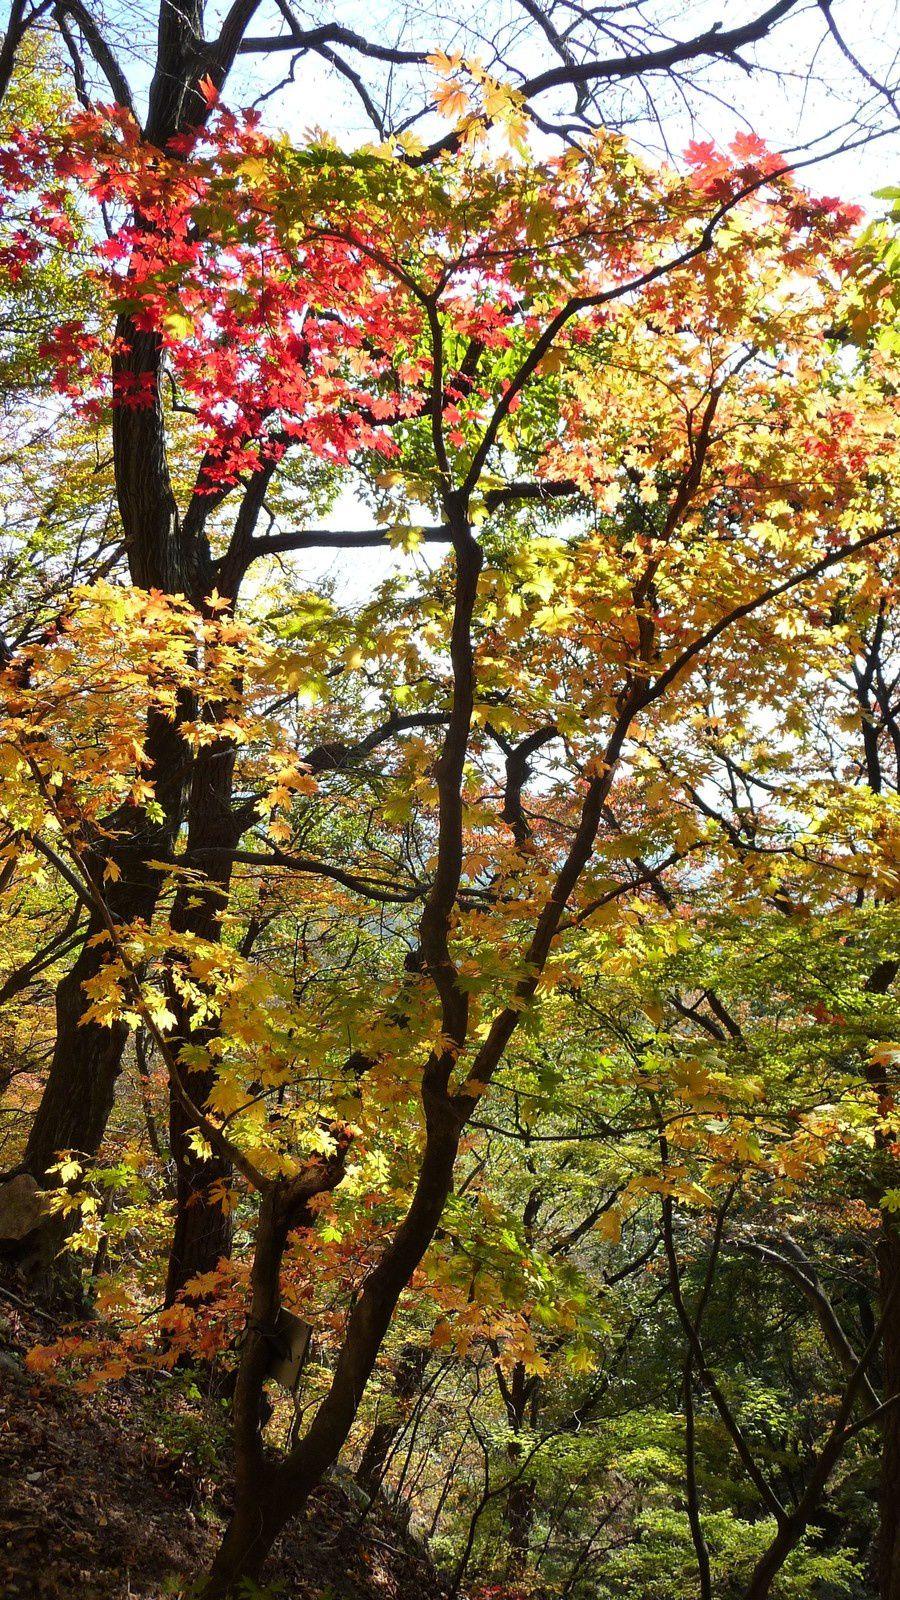 Encore un peu de grimpette à travers la forêt pour atteindre la grotte de Seokguram et son Bouddha.